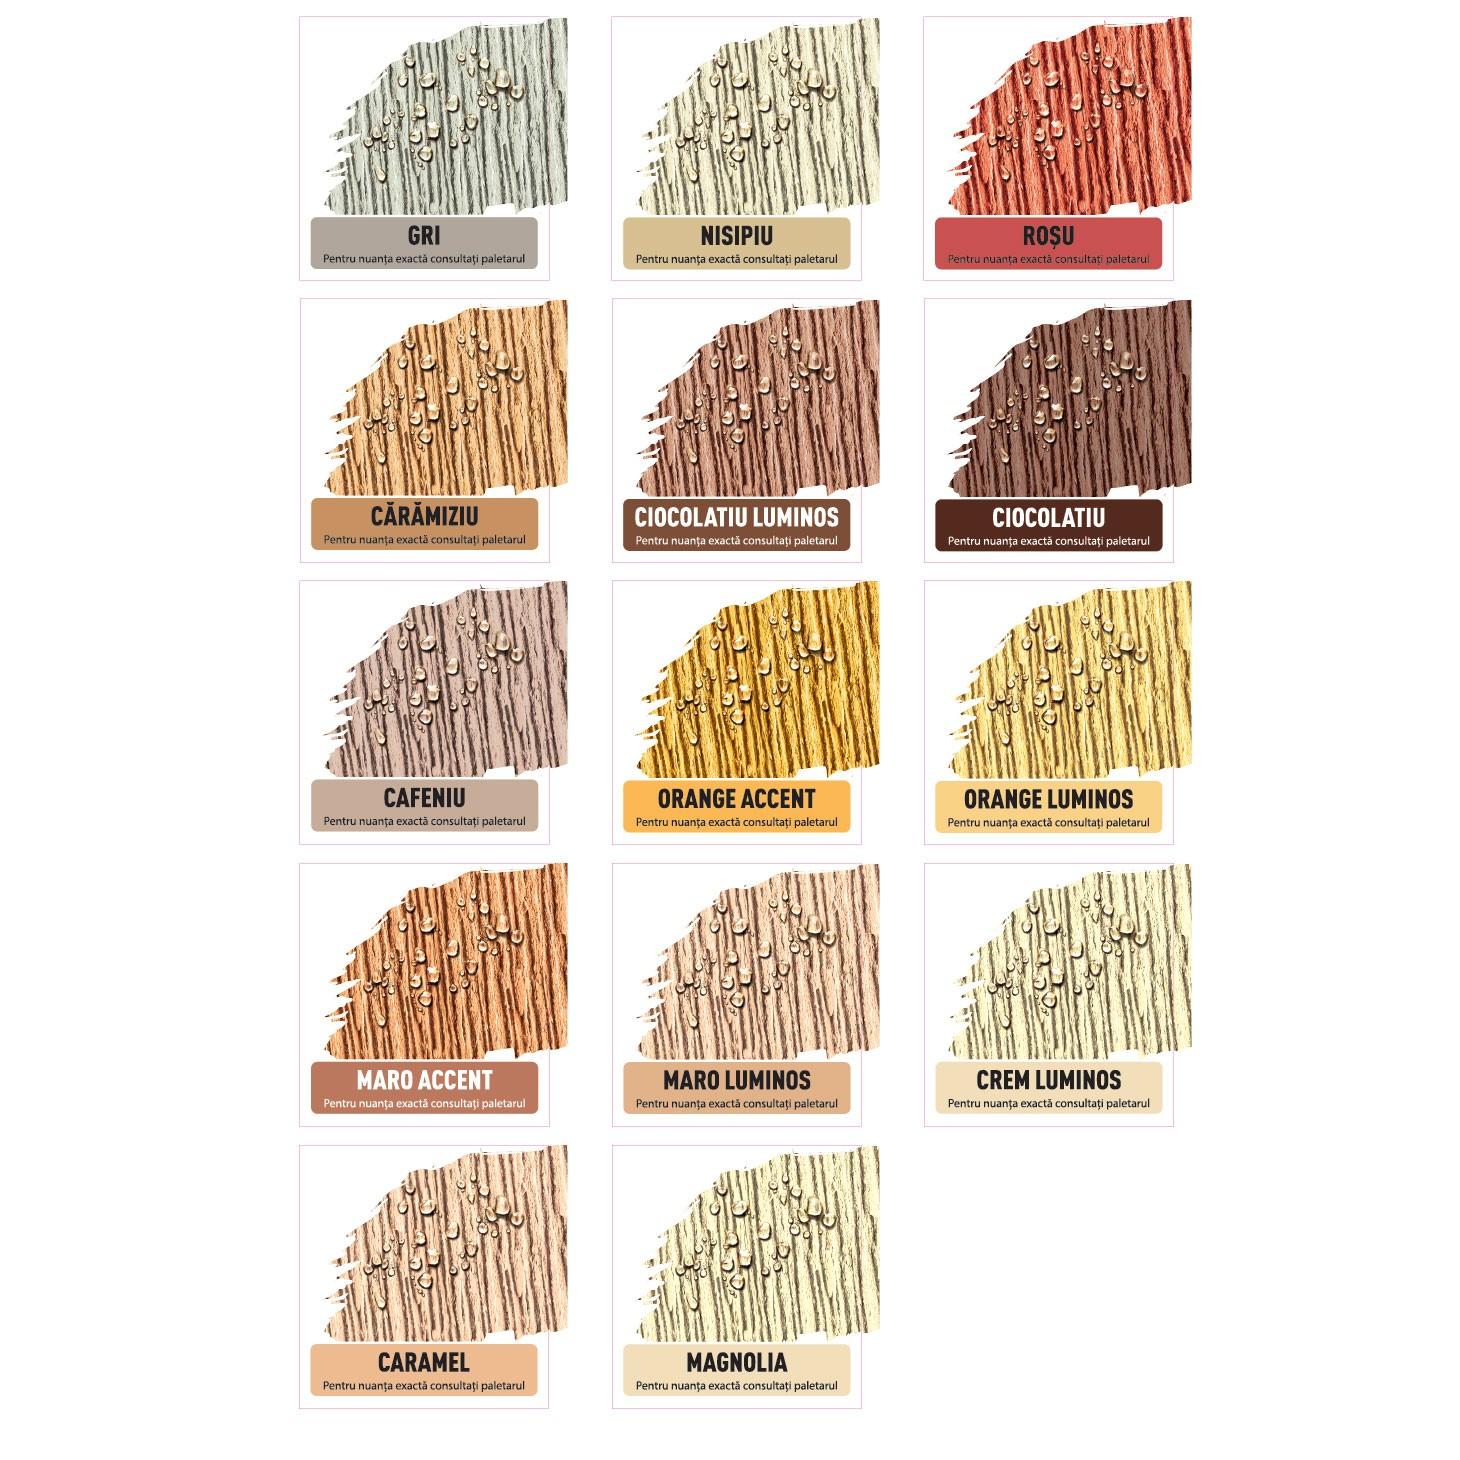 Paleta De Culori Tencuiala Decorativa.Dedeman Tencuiala Decorativa Acrilica Interior Exterior Danke